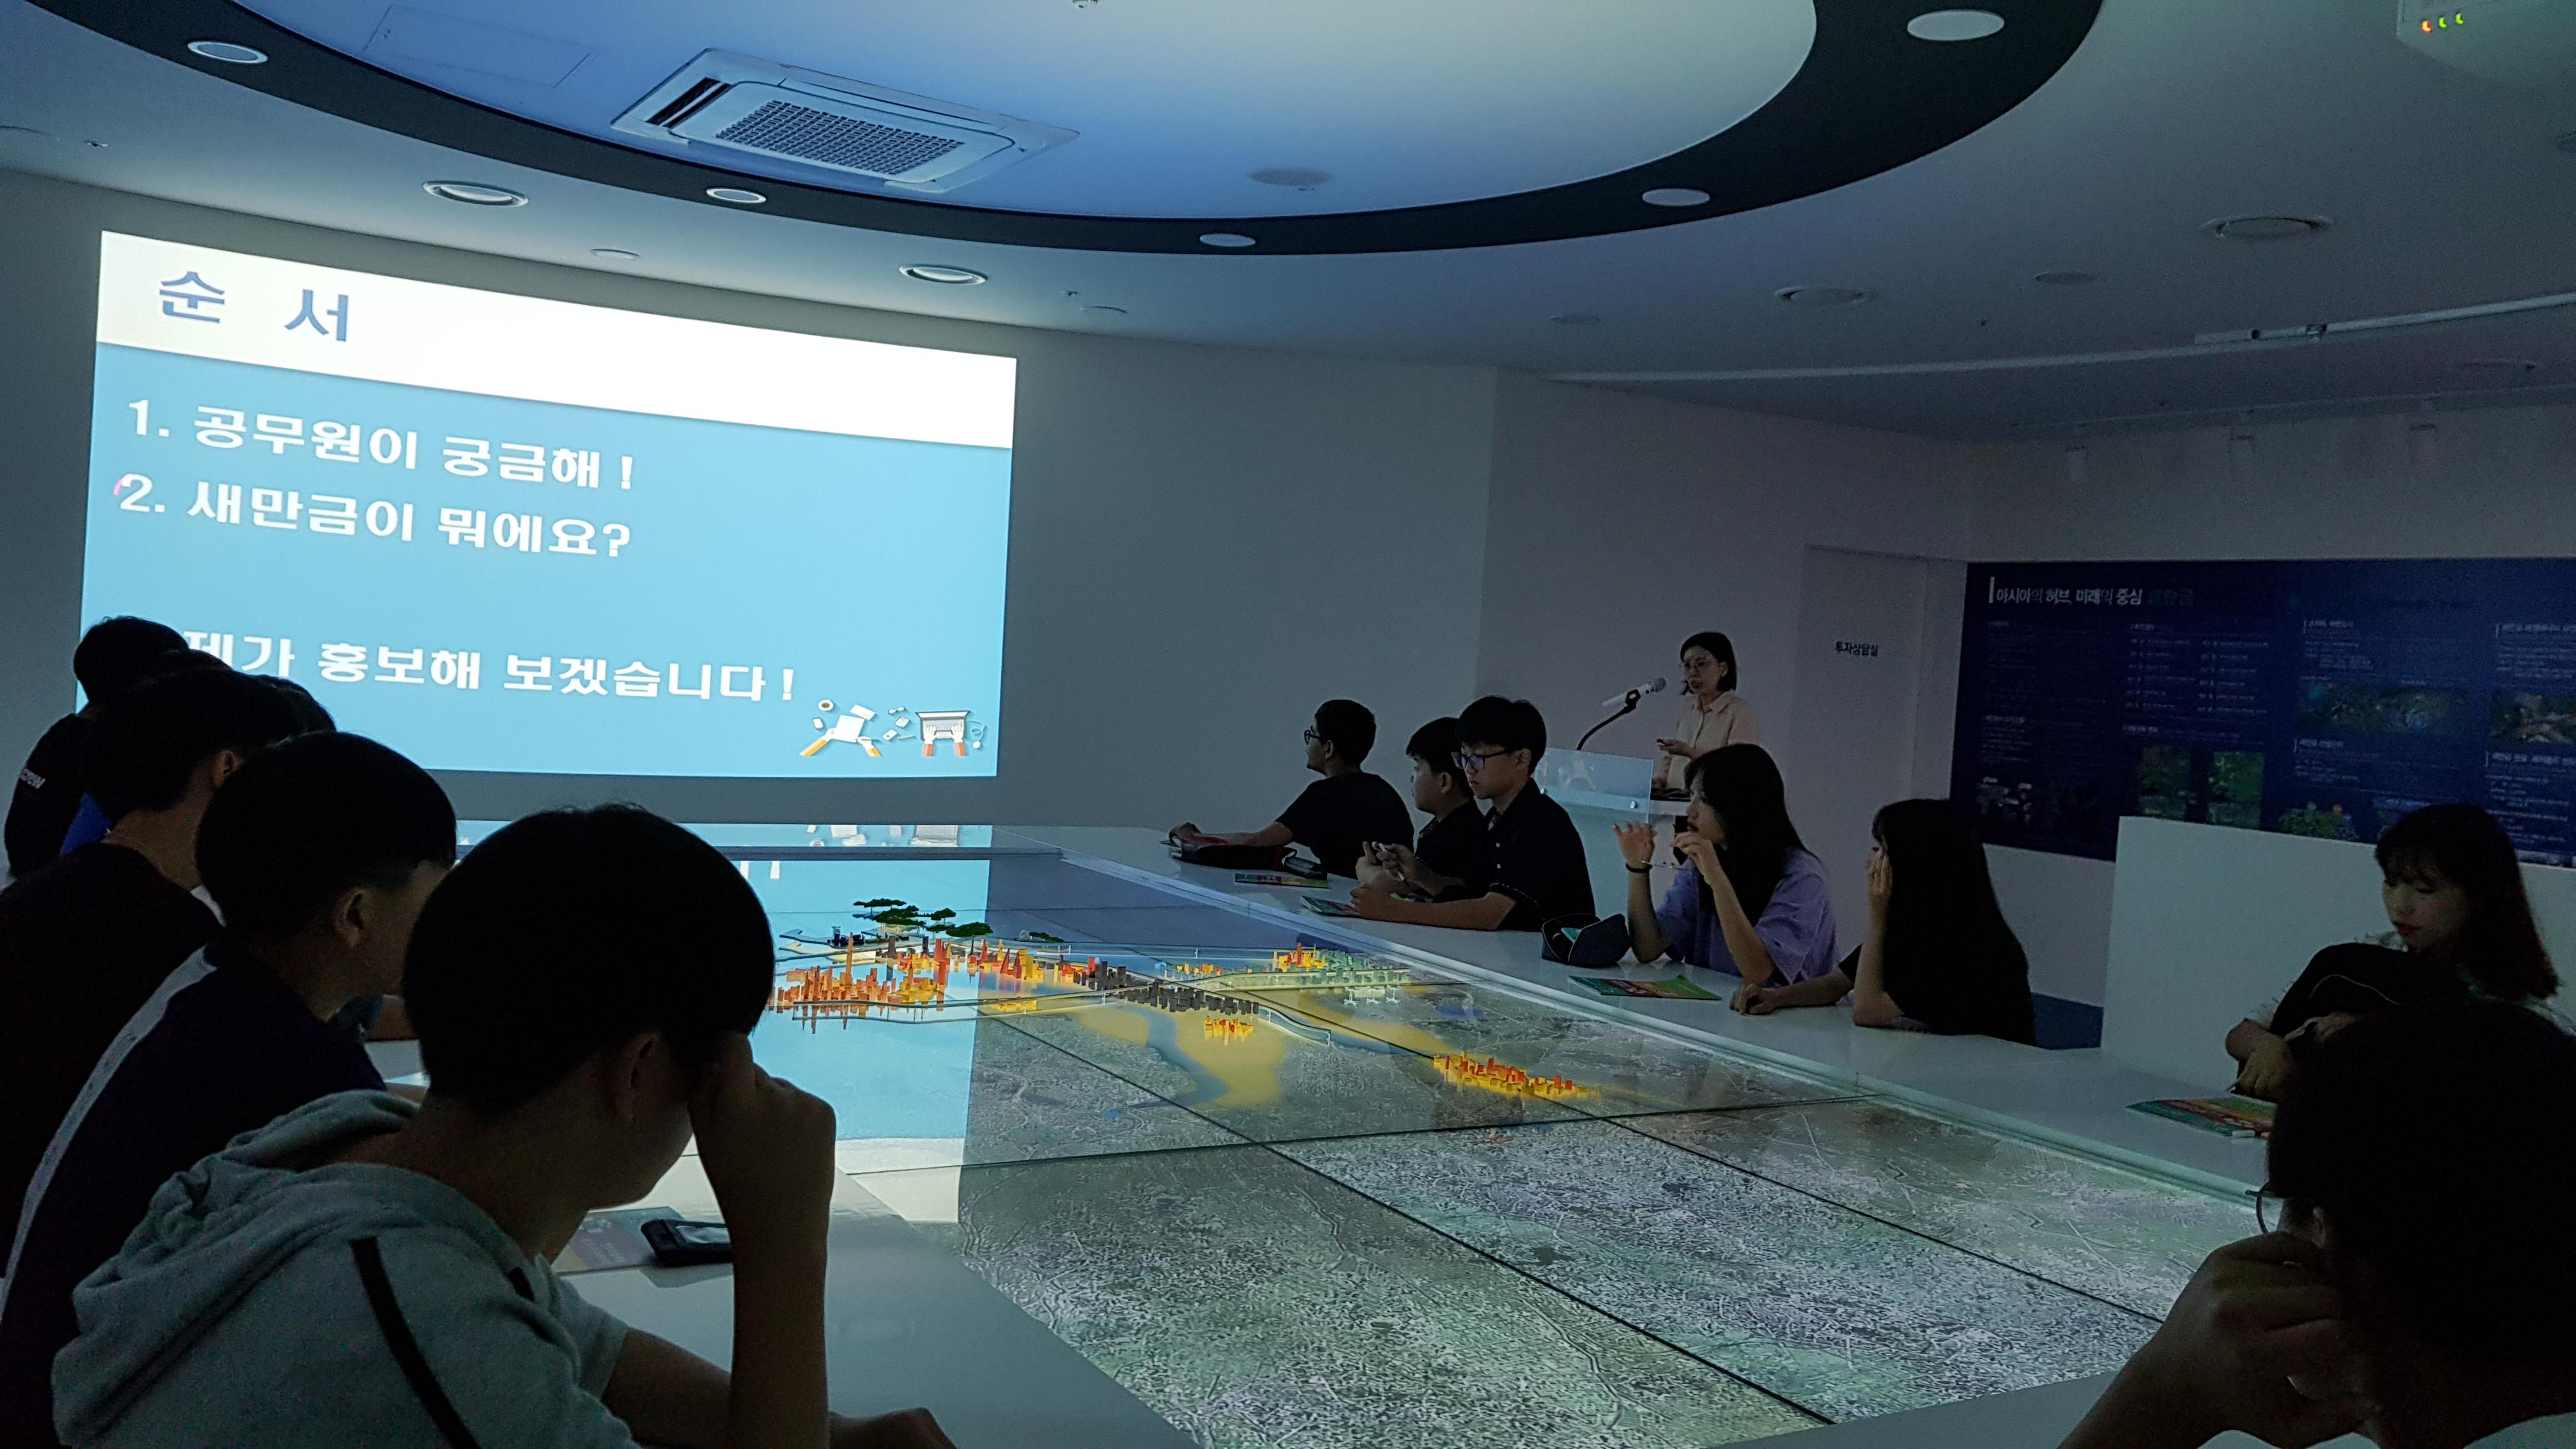 20190704 성일중 청.진.기 새만금 투자 전시관 (2)